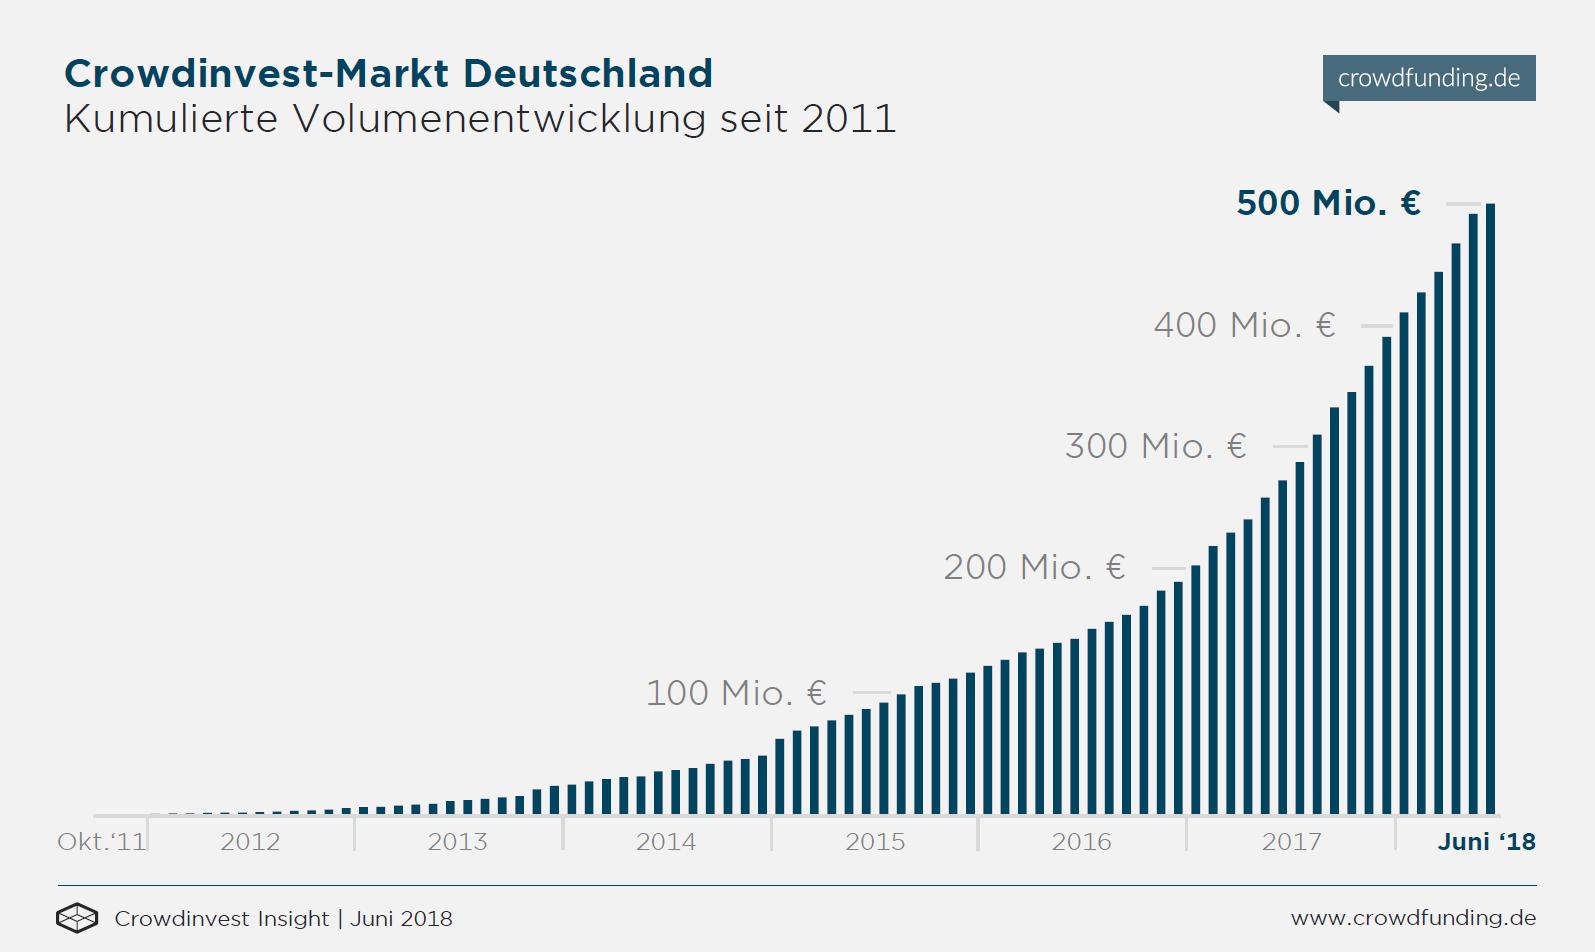 Crowdinvest-Entwicklung seit 2011